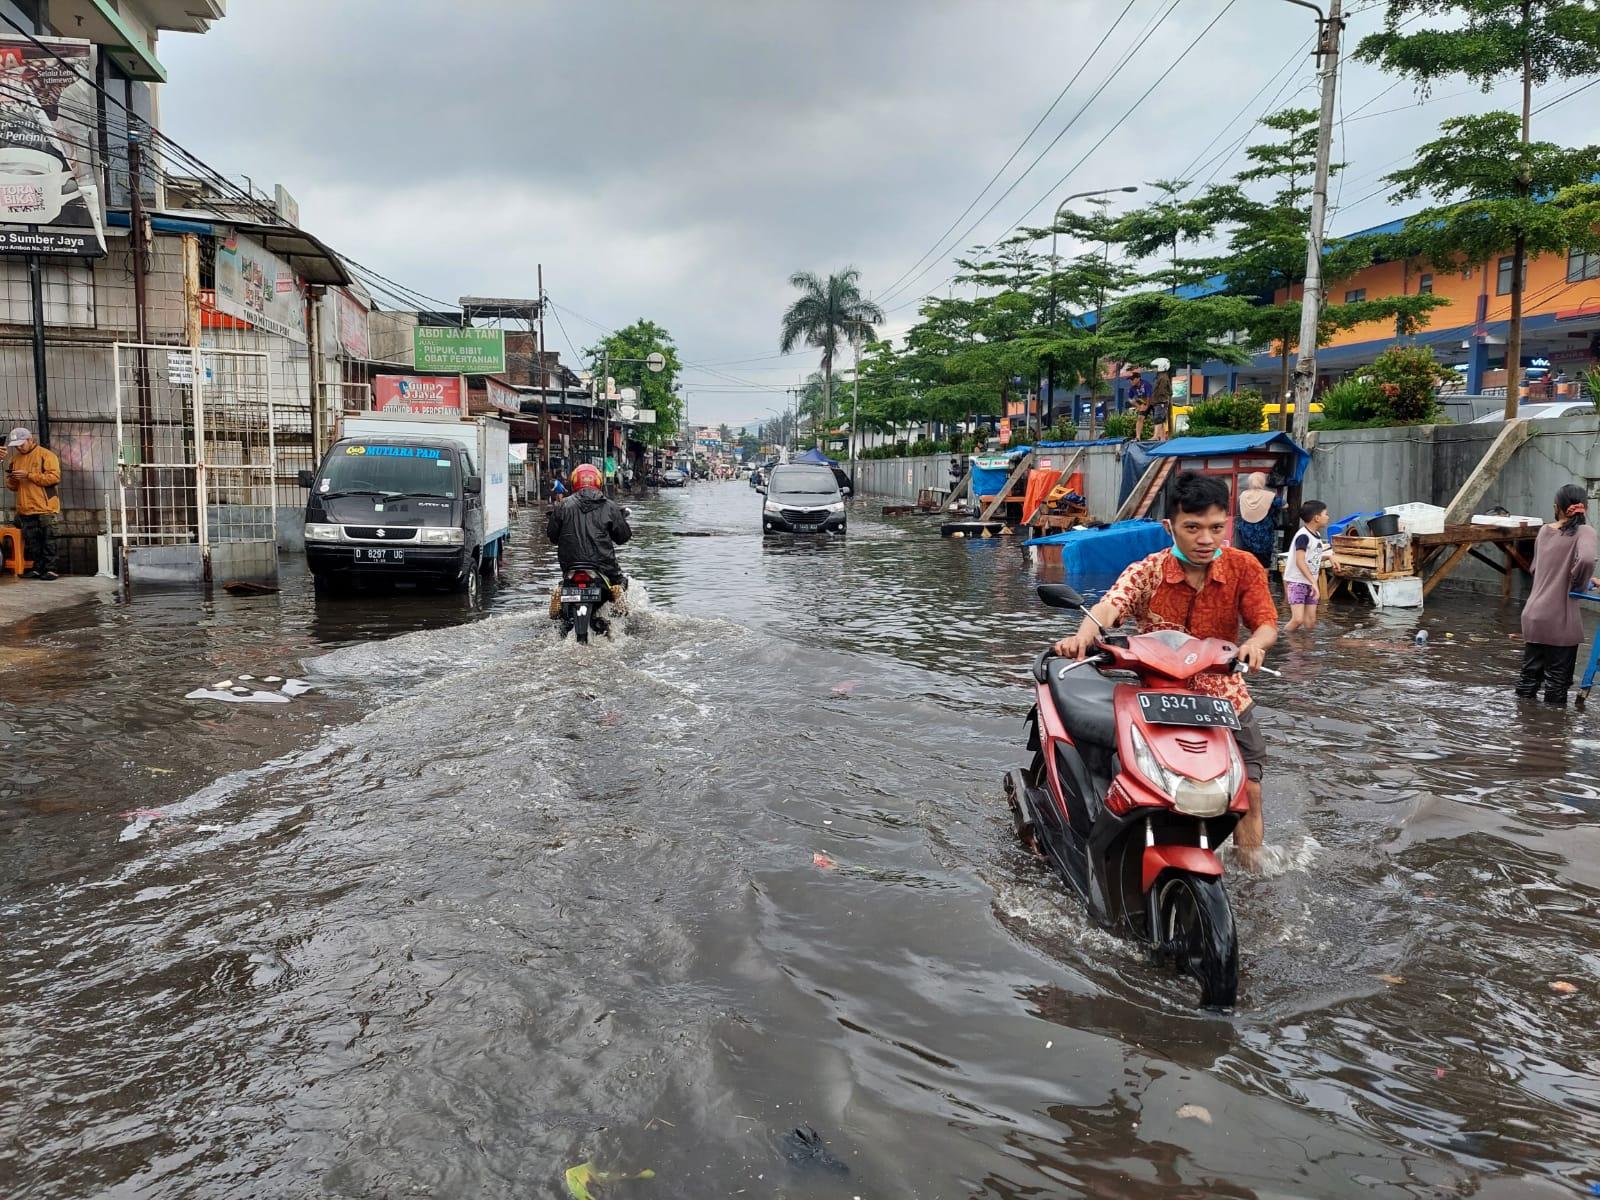 Banjir yang terjadi di depan Pasar Panorama Lembang beberapa waktu lalu.